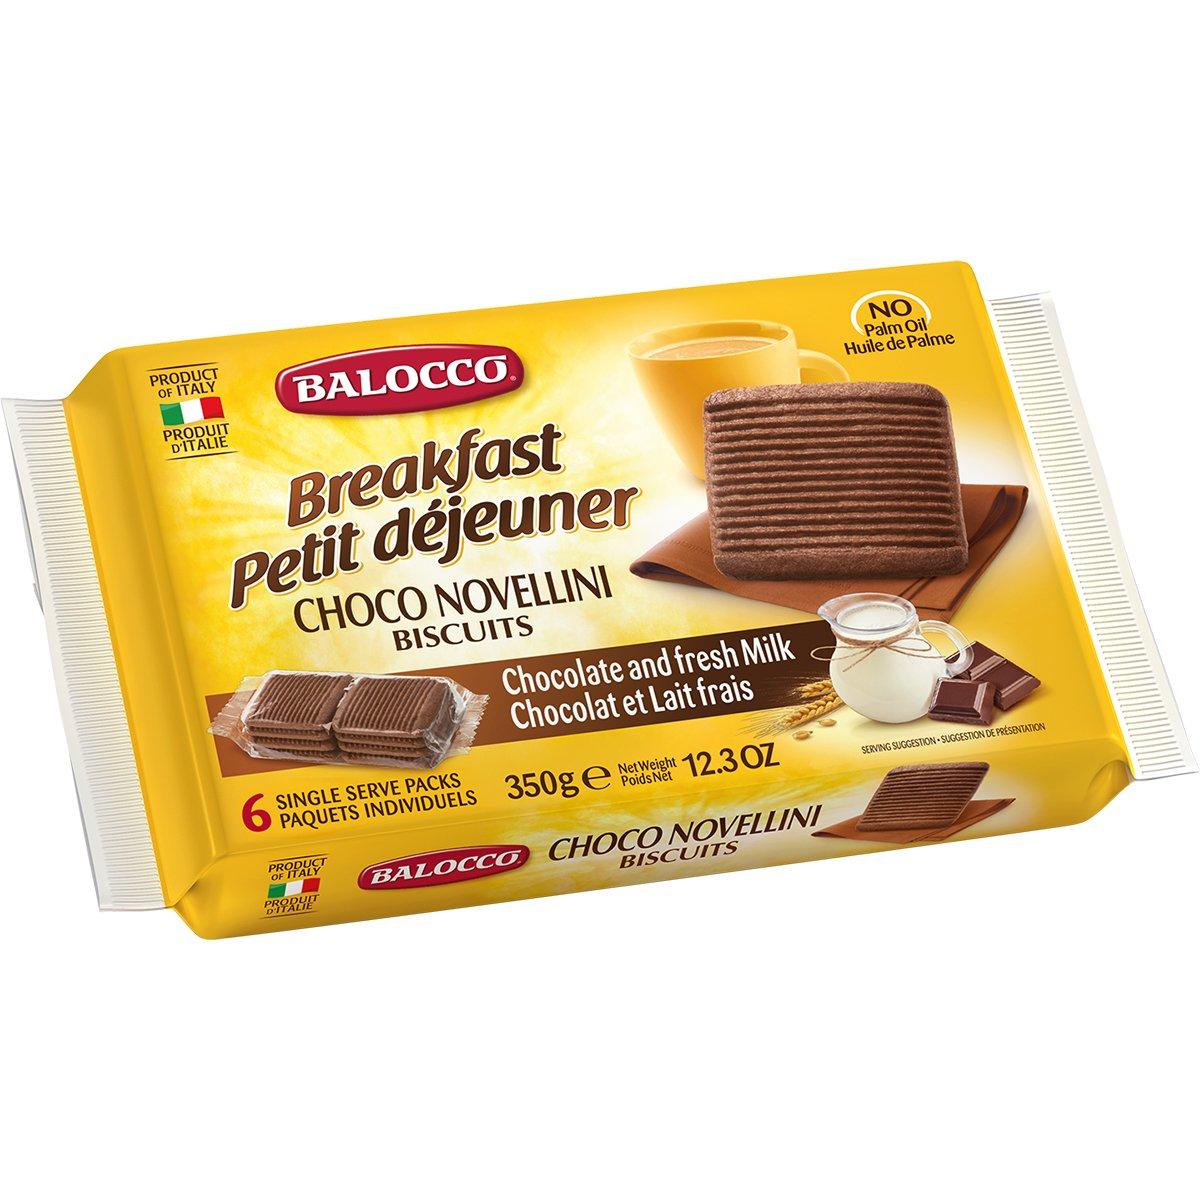 Biscuiti cu ciocolata Balocco Chocco Novellini, 350 g imagine